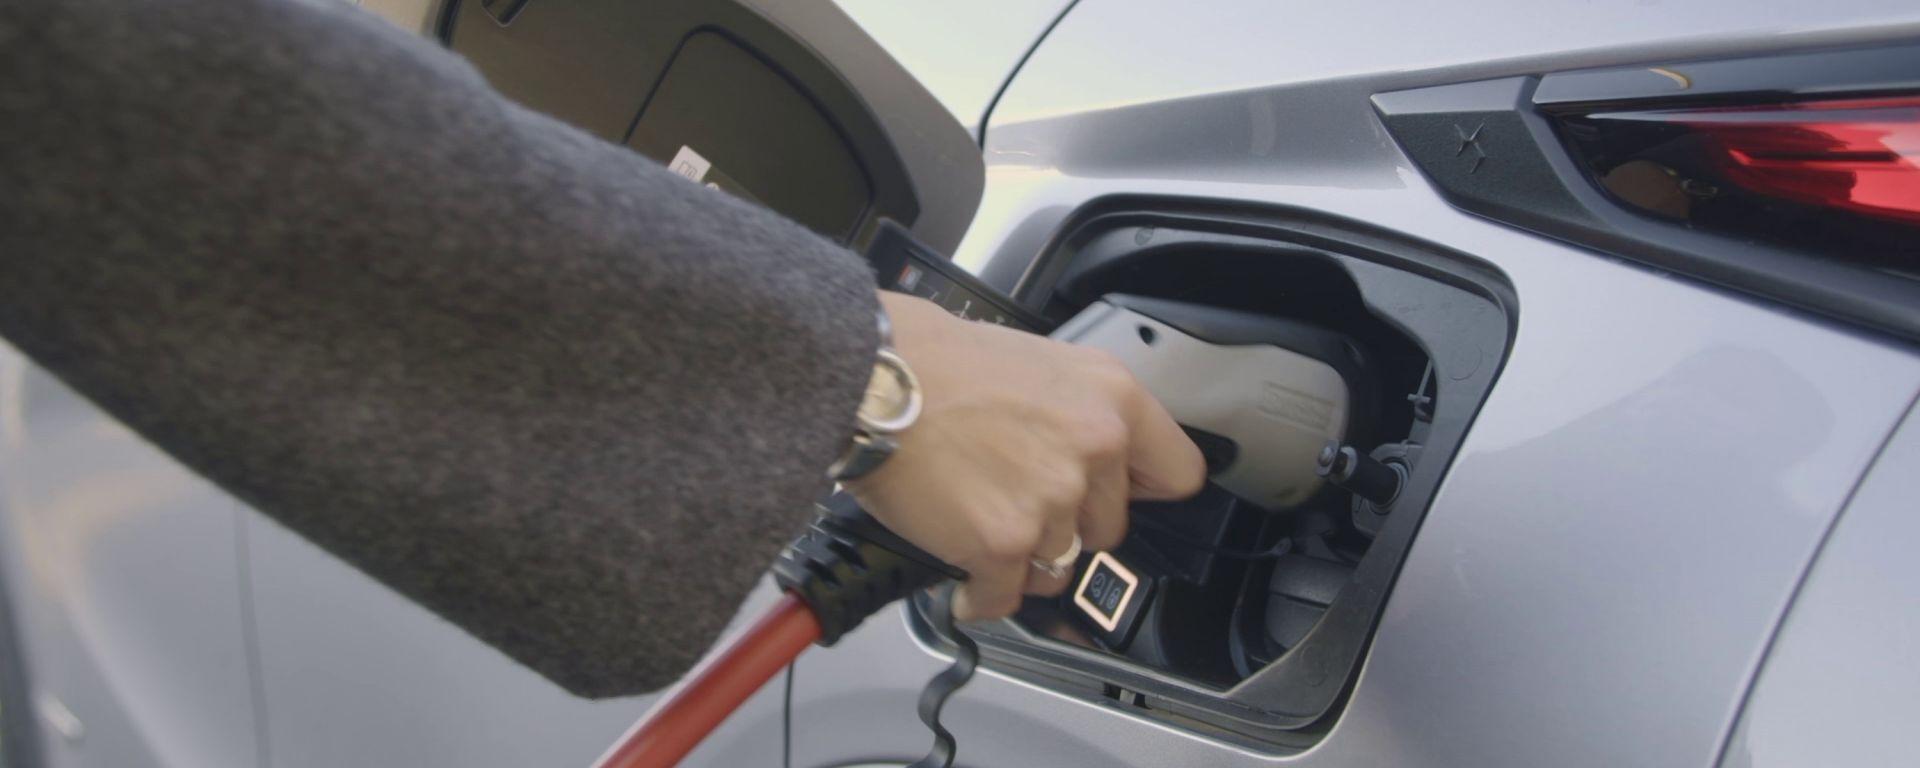 Charge My Car, il nuovo servizio della app Free2Move